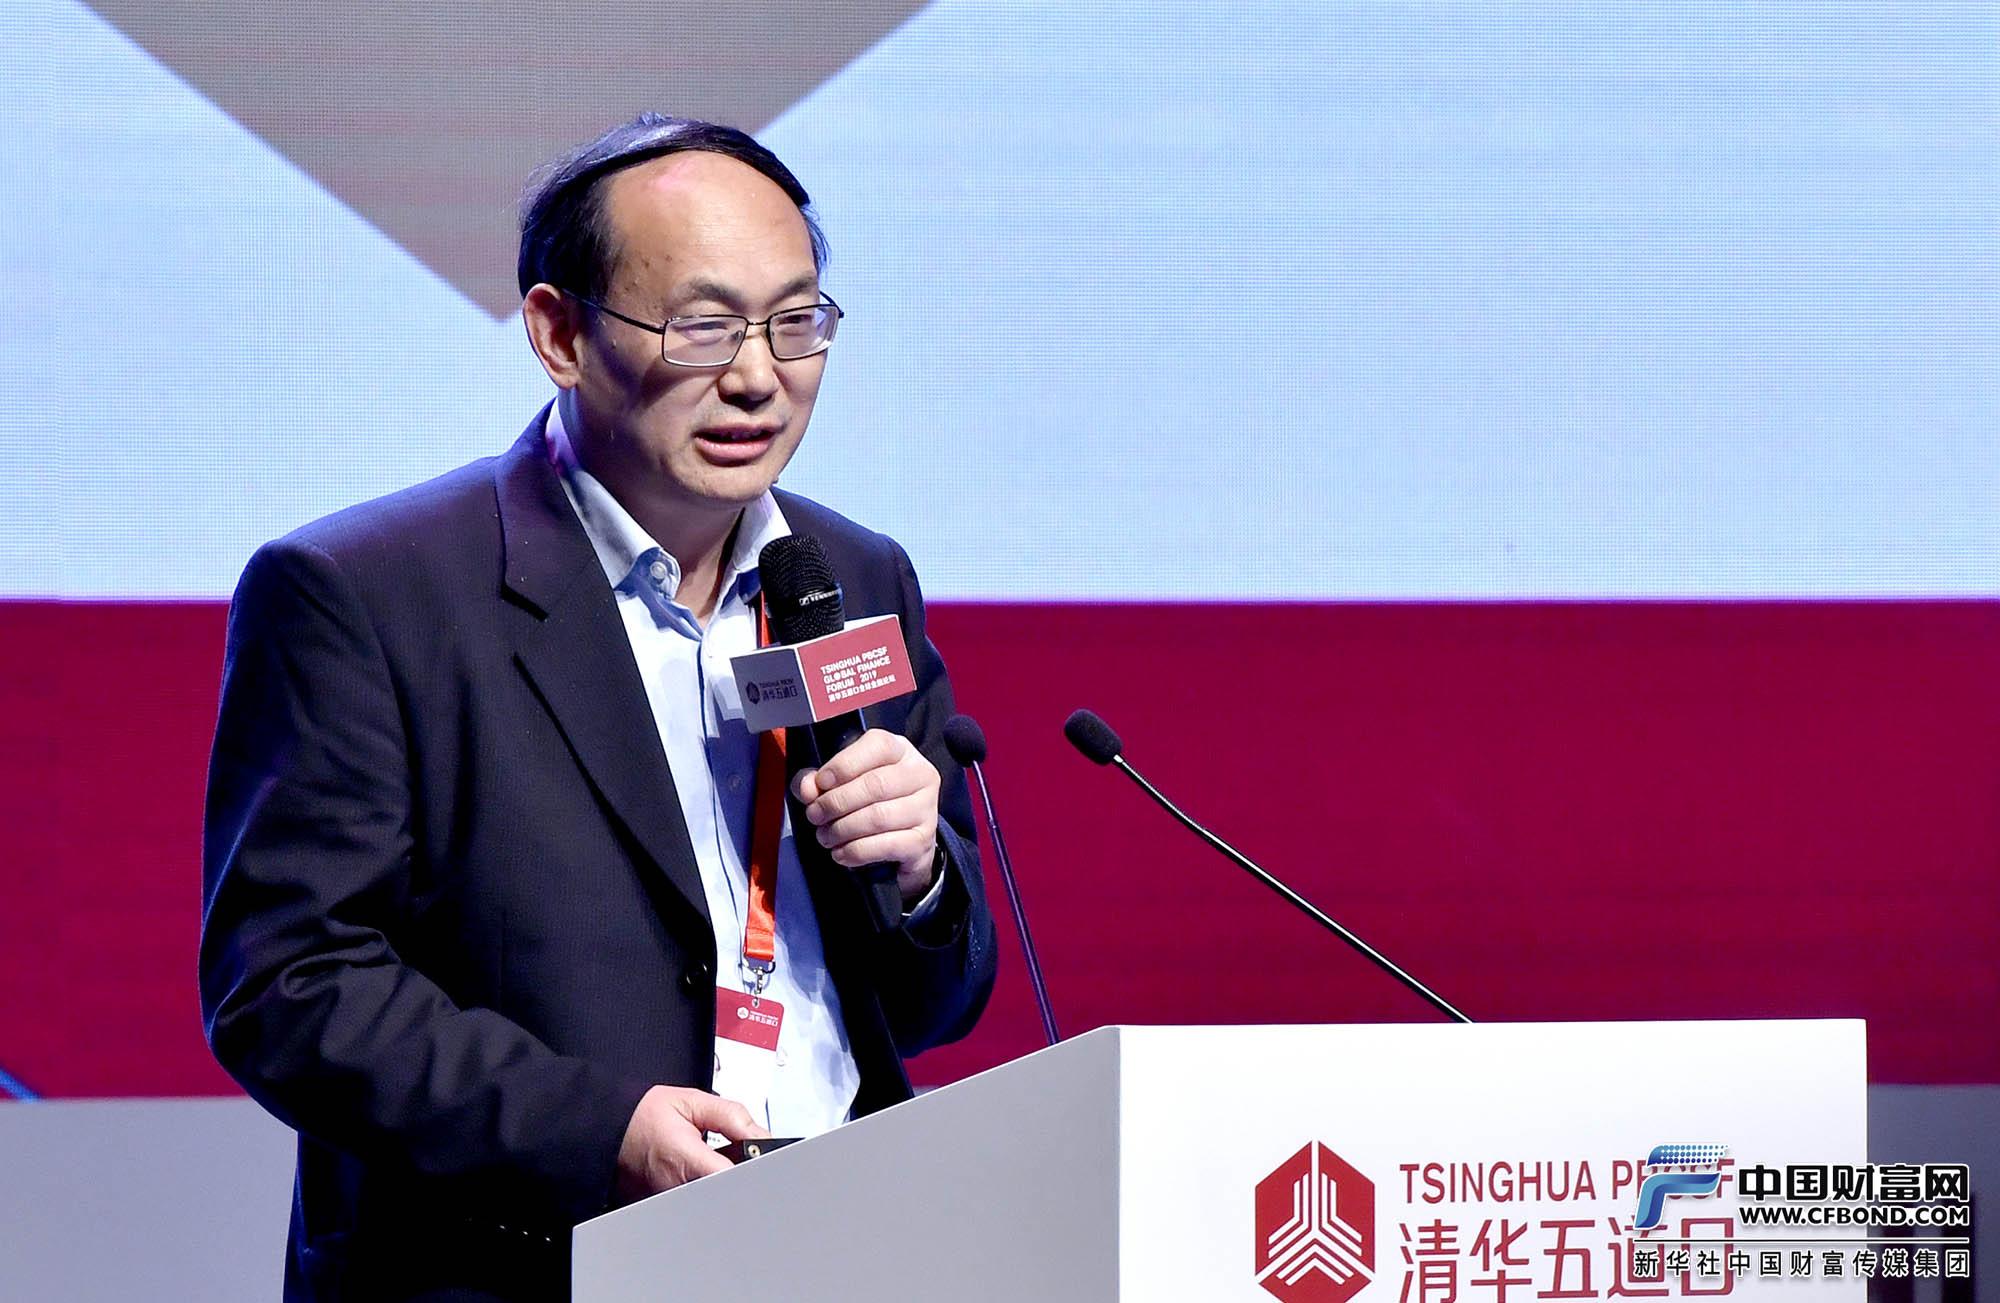 演讲嘉宾:浙江大学公共政策研究院院长金雪军